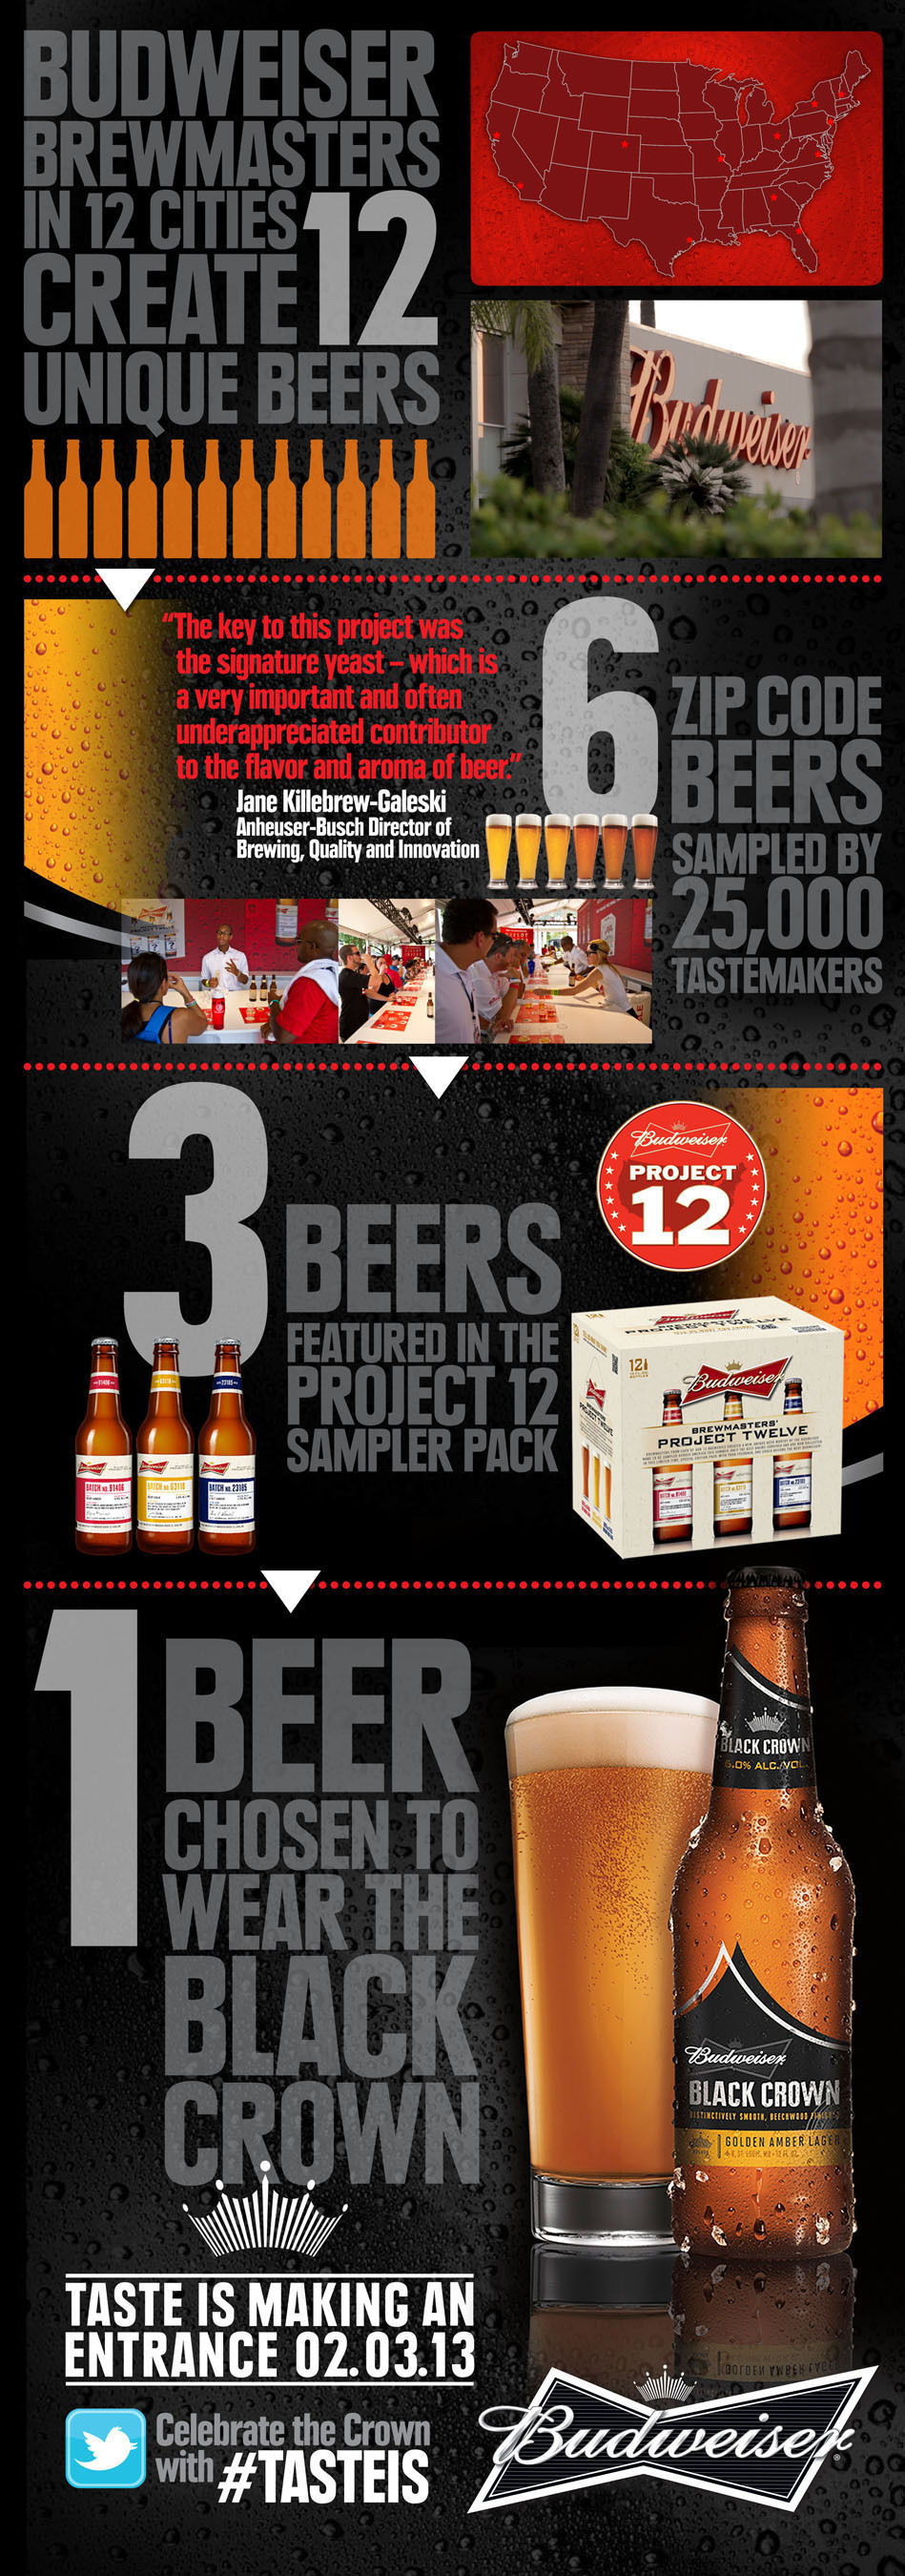 El 'Rey de las Cervezas' lanza Budweiser Black Crown el 21 de enero; primer anuncio publicitario